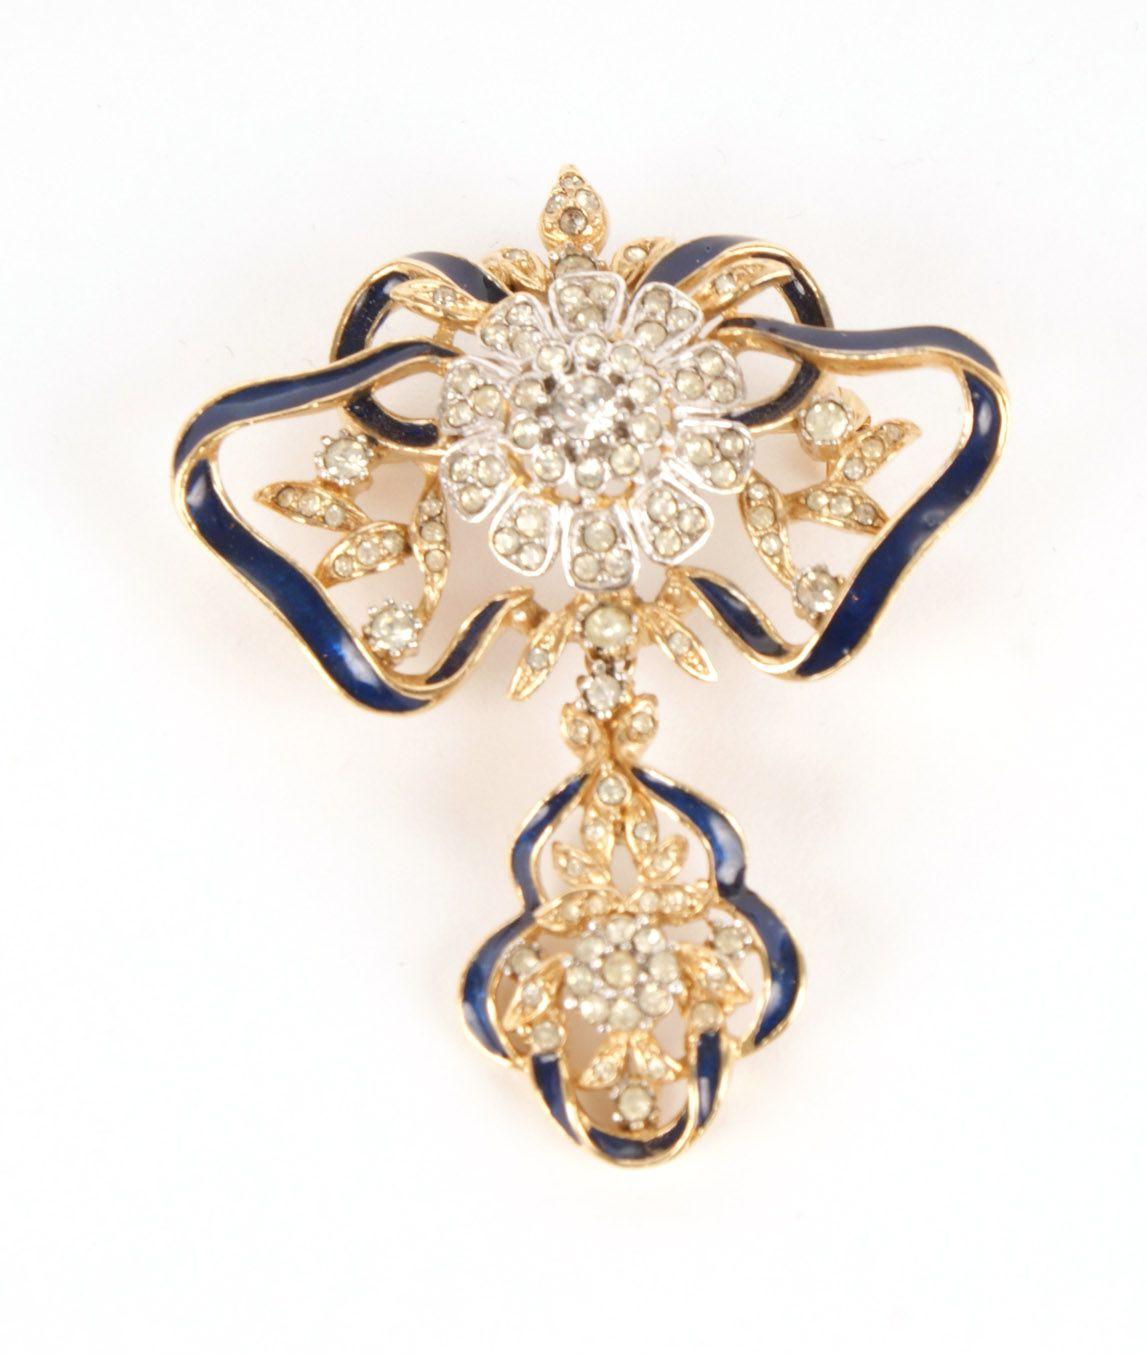 Blue enamelled Attwood & Sawyer brooch